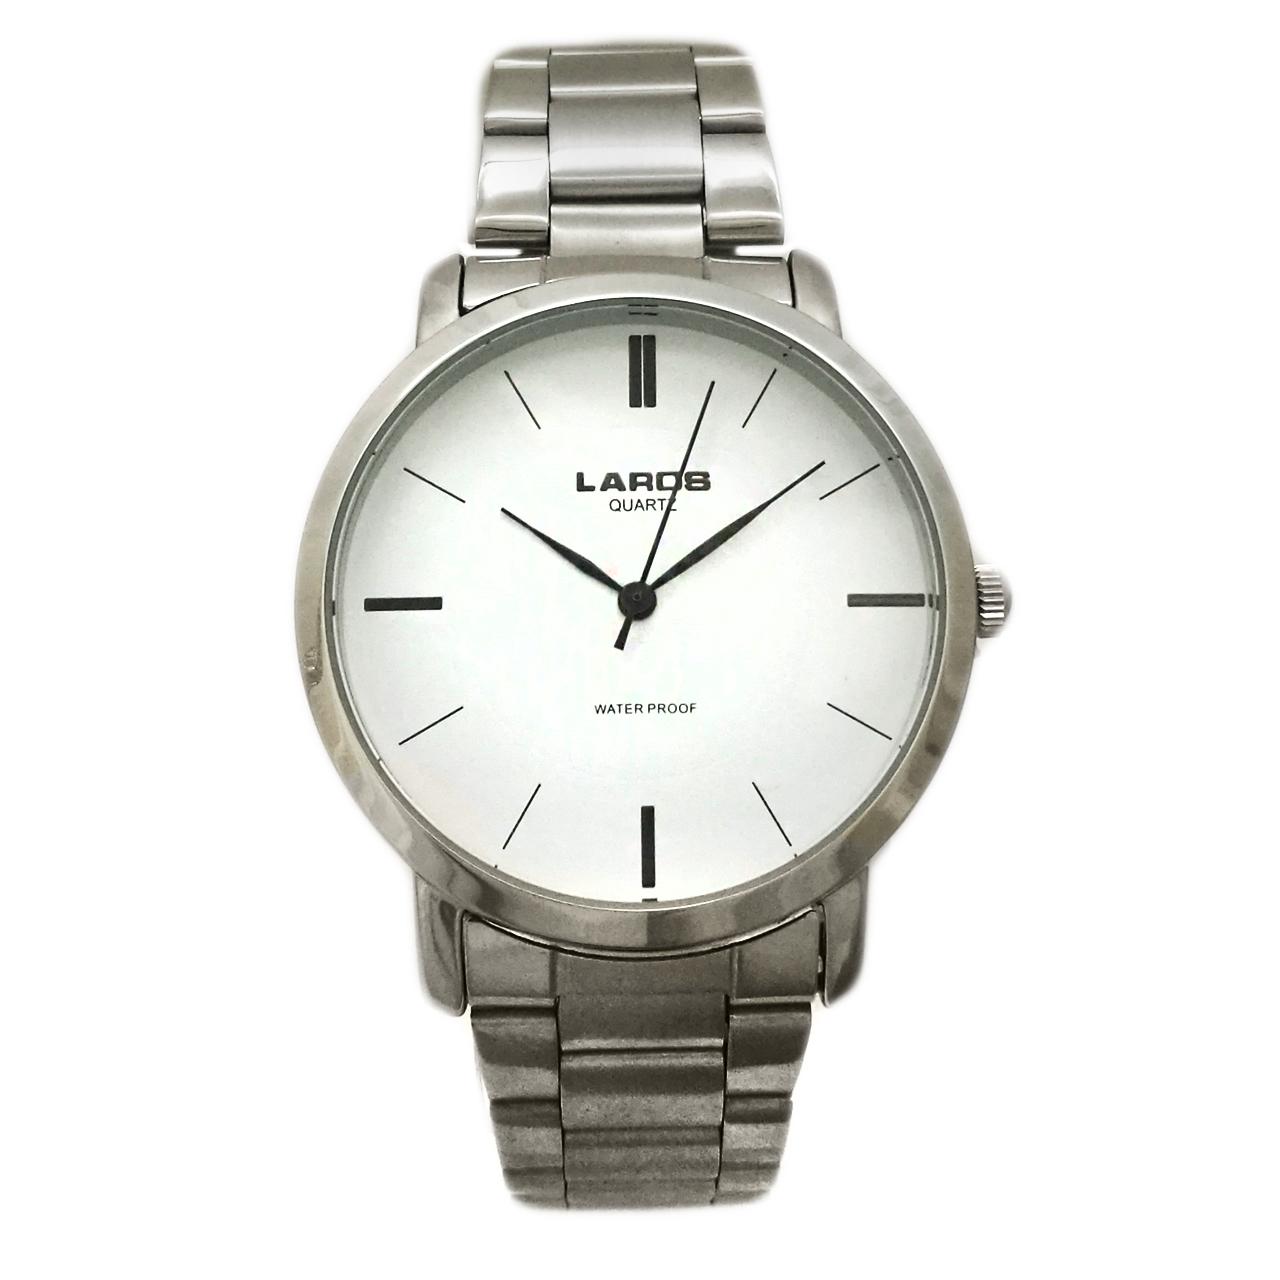 ساعت مچی عقربه ای لاروس مدل ساده 0817-79945 12